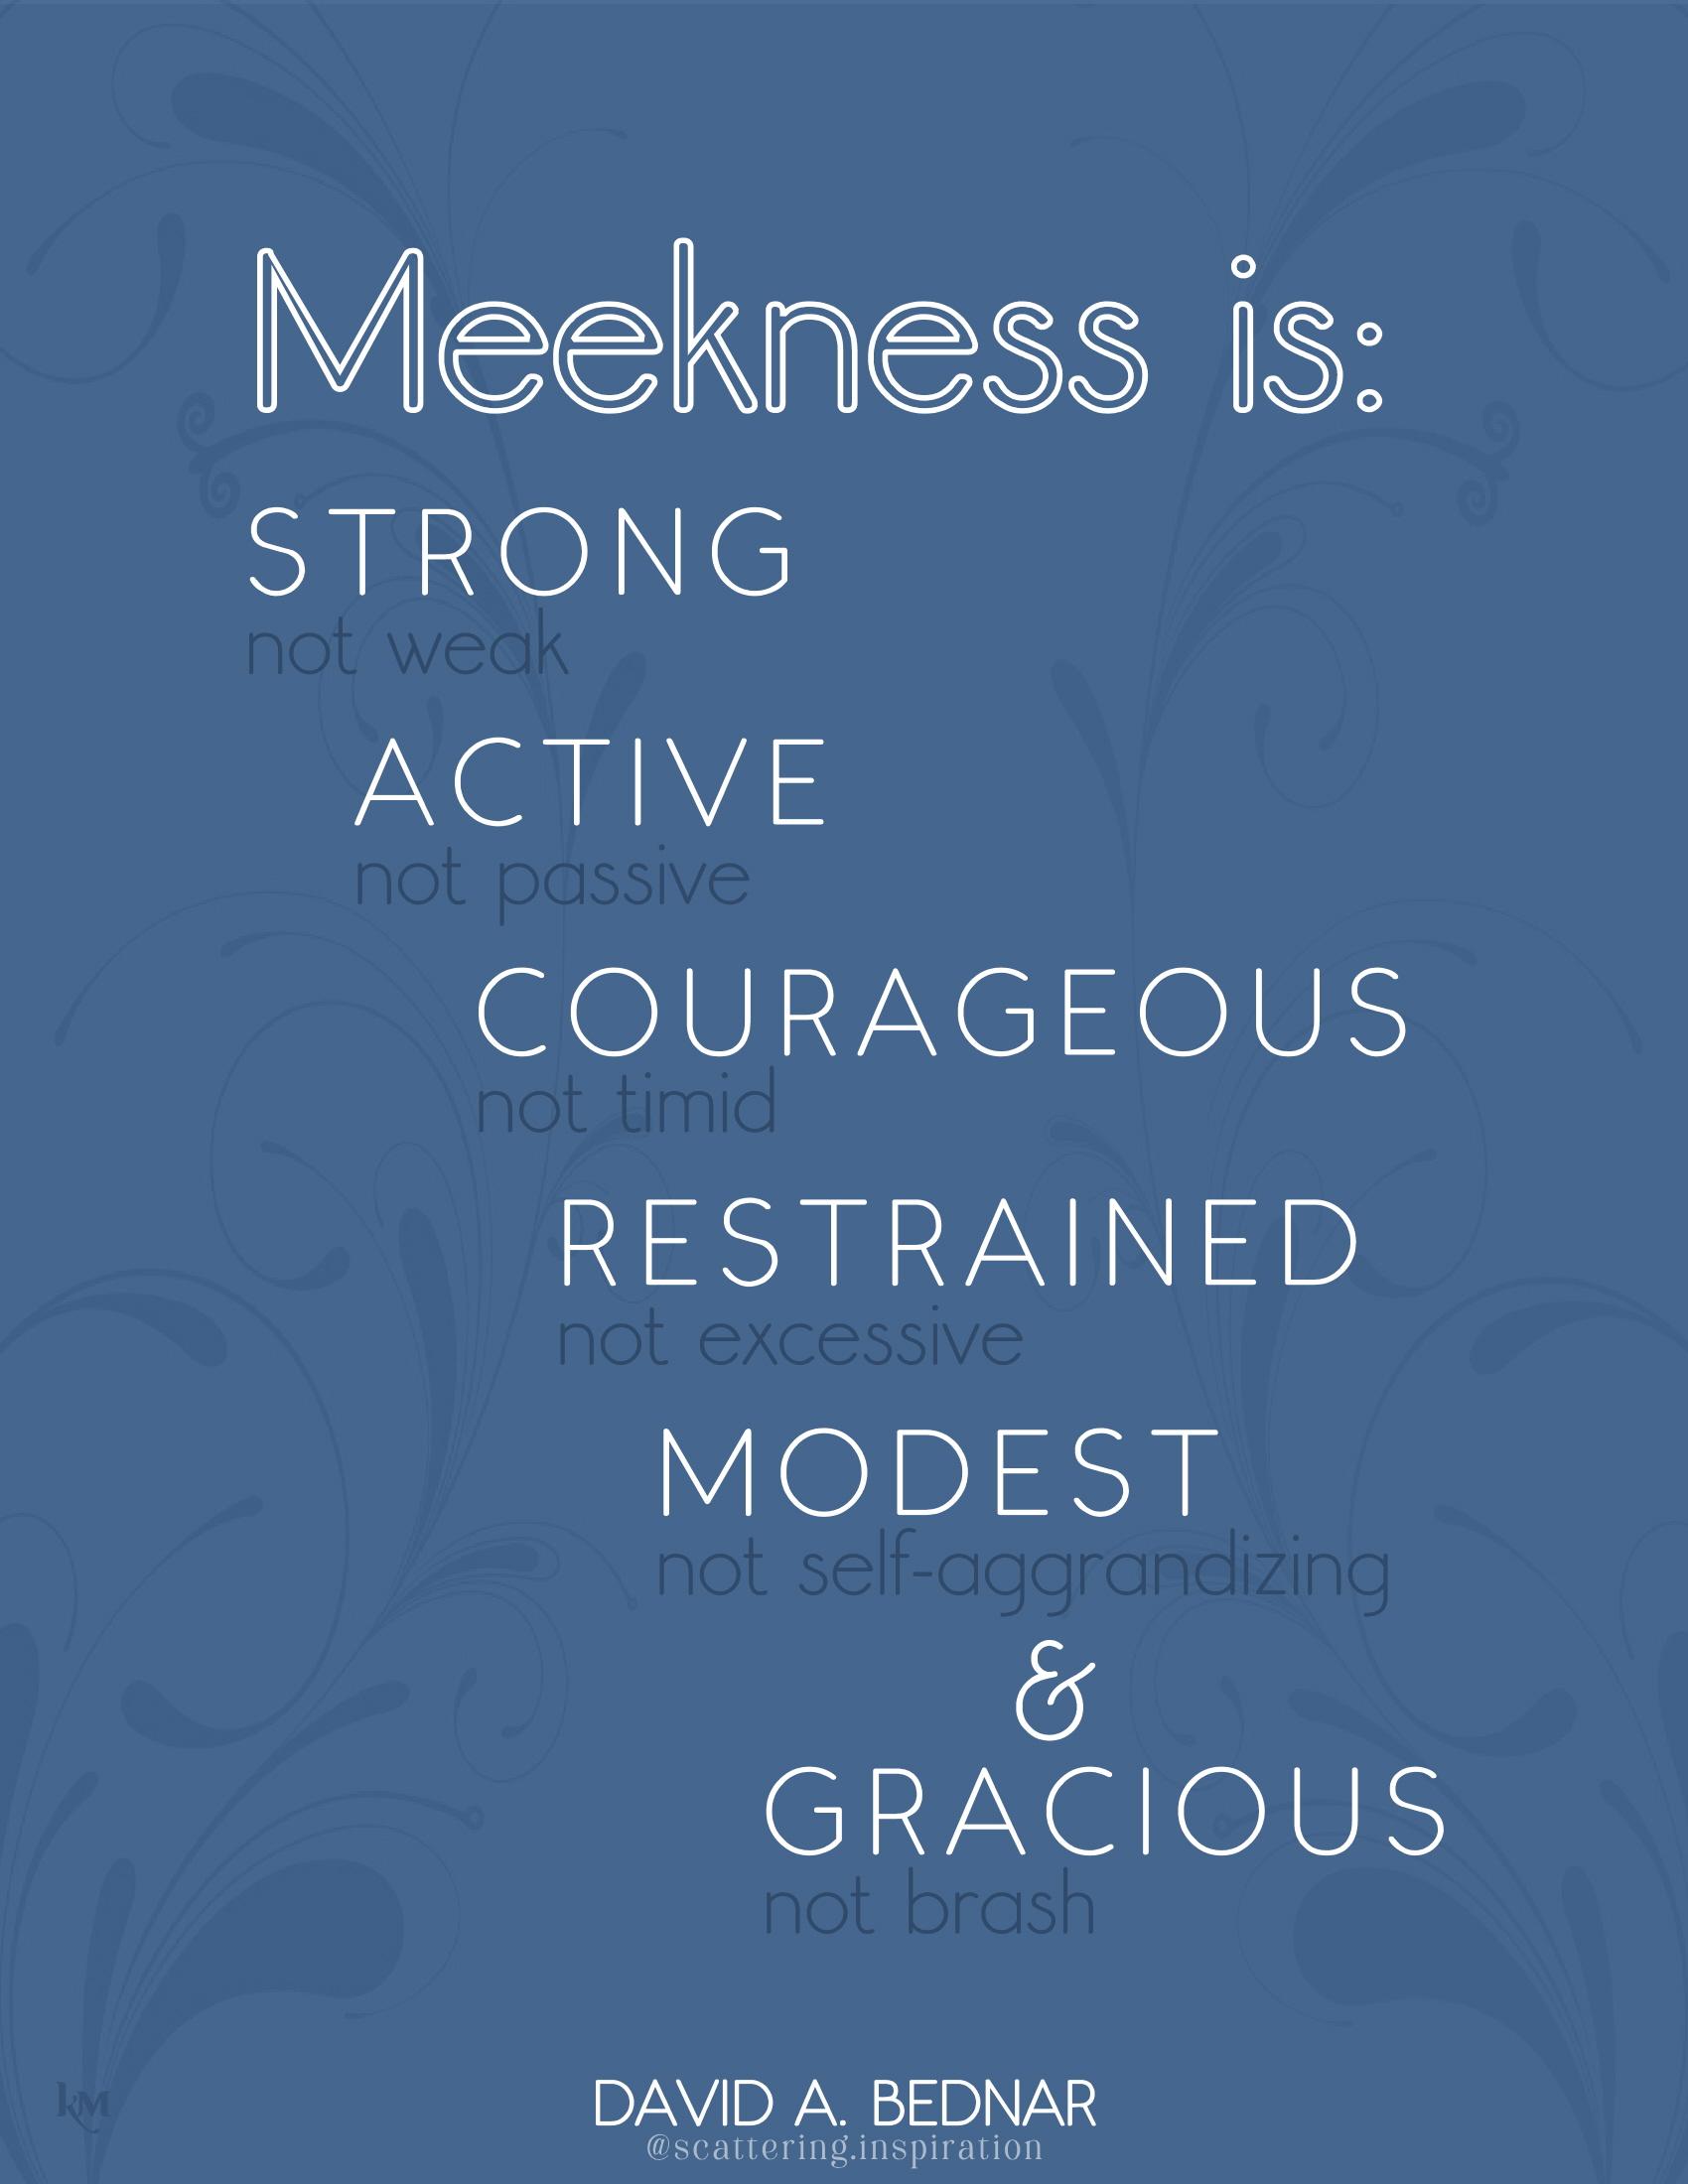 Meekness is